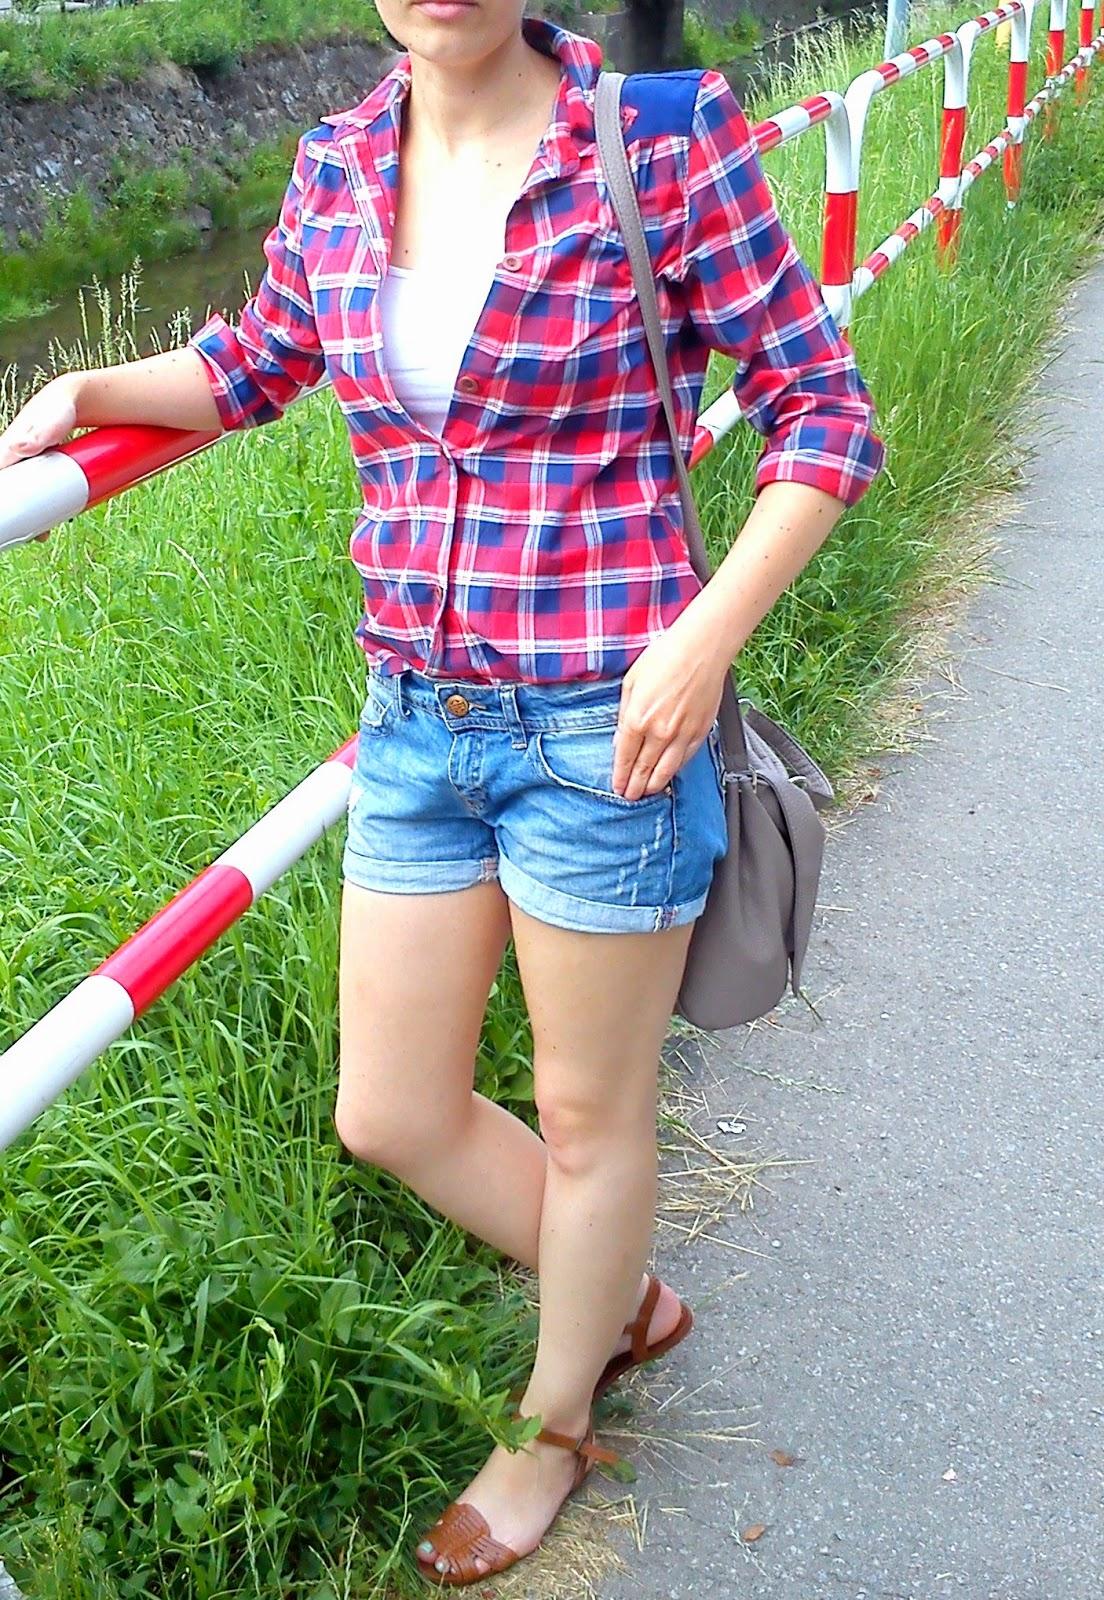 http://noszepolskie.blogspot.com/2014/07/slow-fashion-na-przykadzie-koszuli-by.html